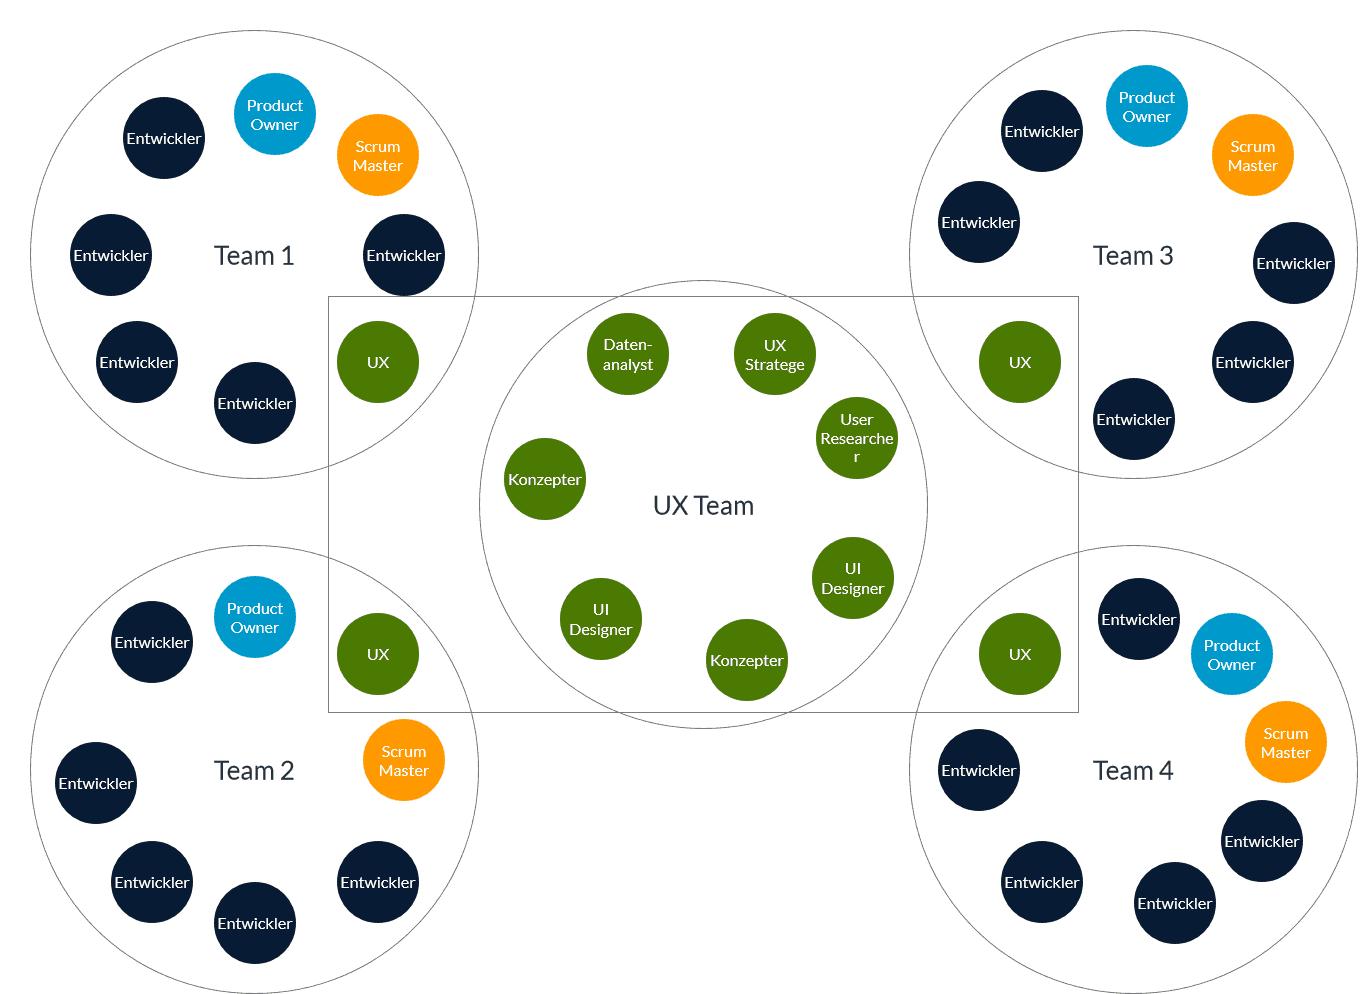 Meine Empfehlung für Ux in agiler Entwicklung ist es UXer für jedes Entwicklungsteam zu haben und zusätzlich ein UX Team für übergreifende Rollen. Die Abstimmungen sollten innerhalb von Gilden stattfinden.